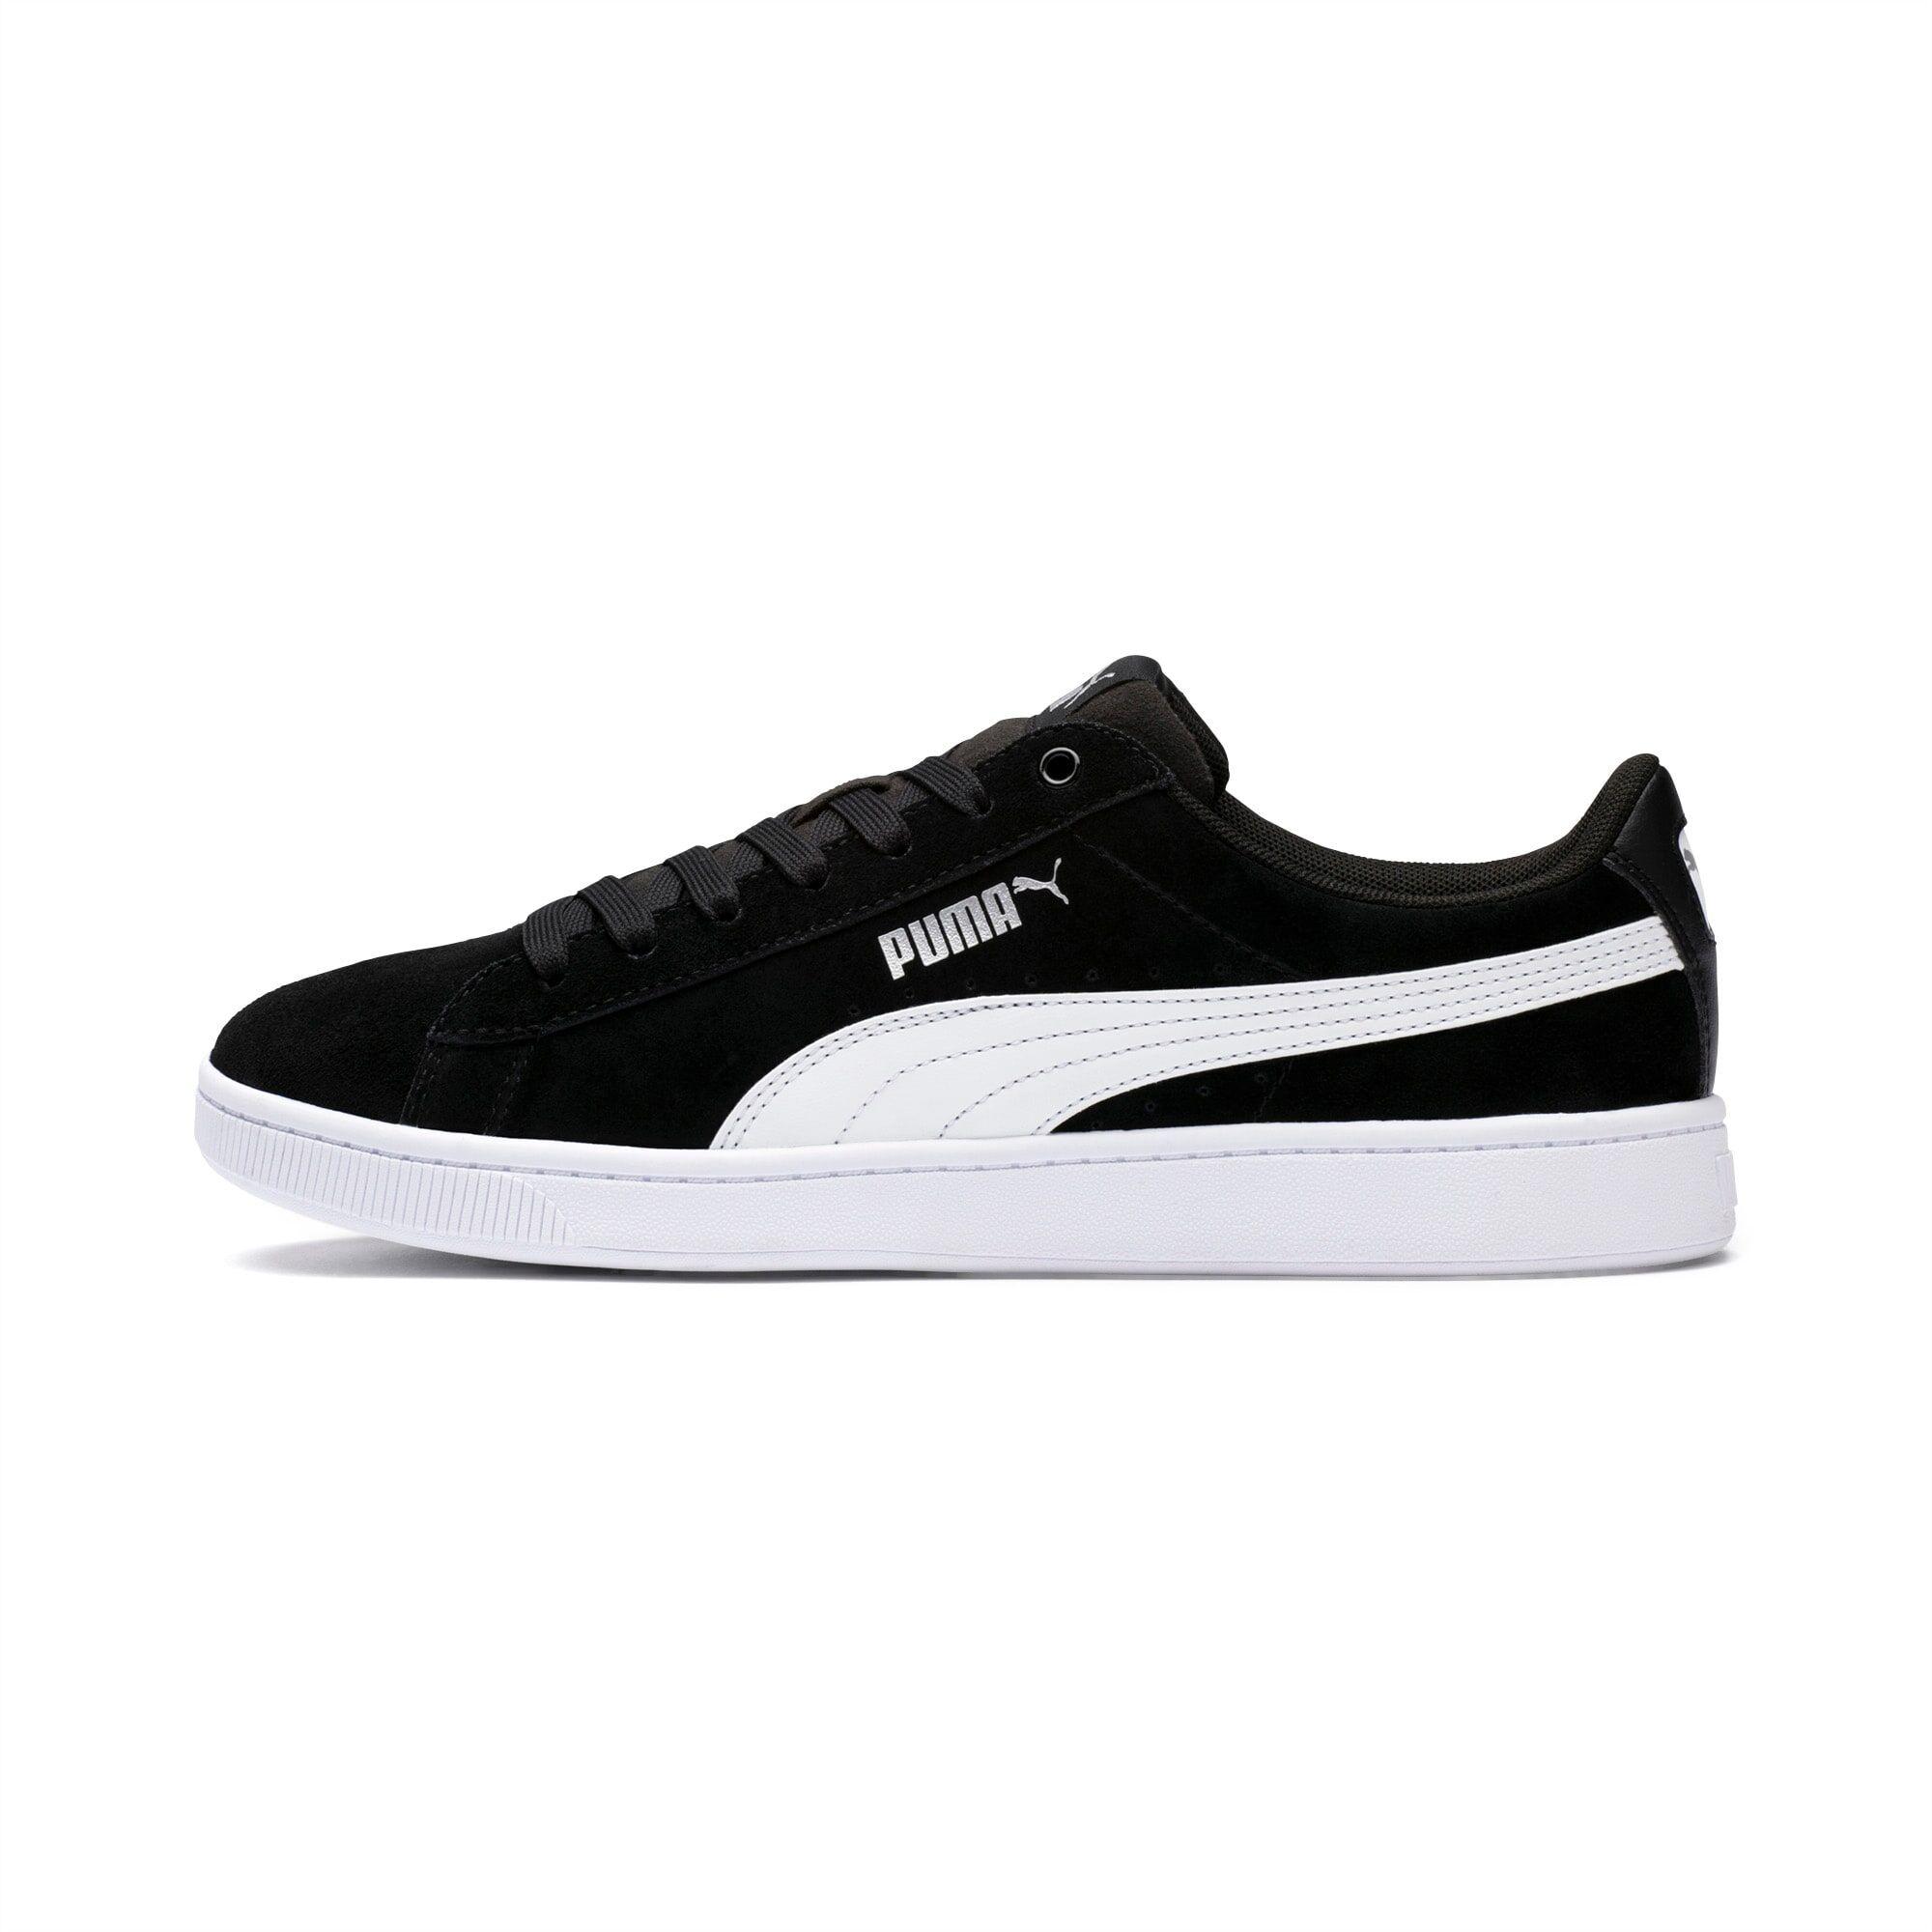 PUMA Chaussure Basket Vikky v2 pour Femme, Noir/Blanc/Argent, Taille 42.5, Chaussures